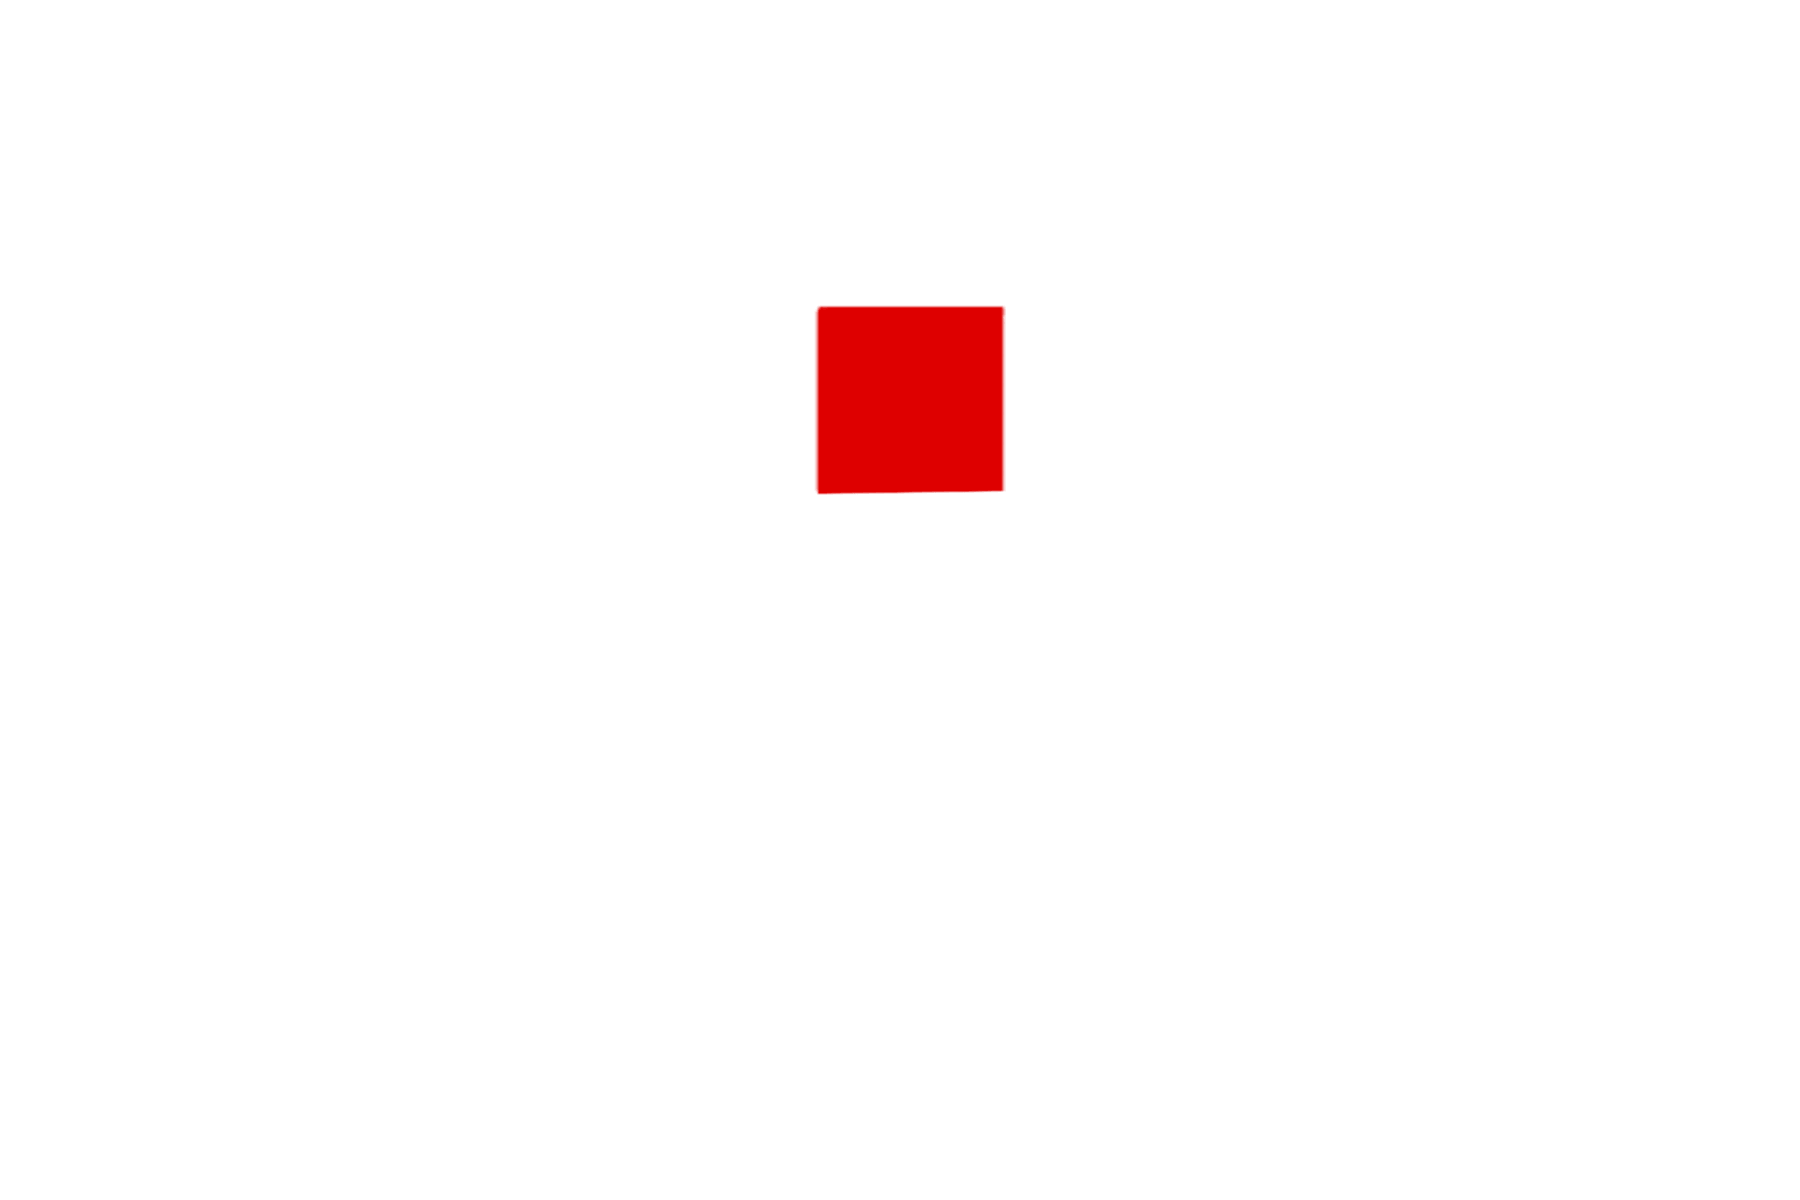 VIP Car Detailing Utah logo.